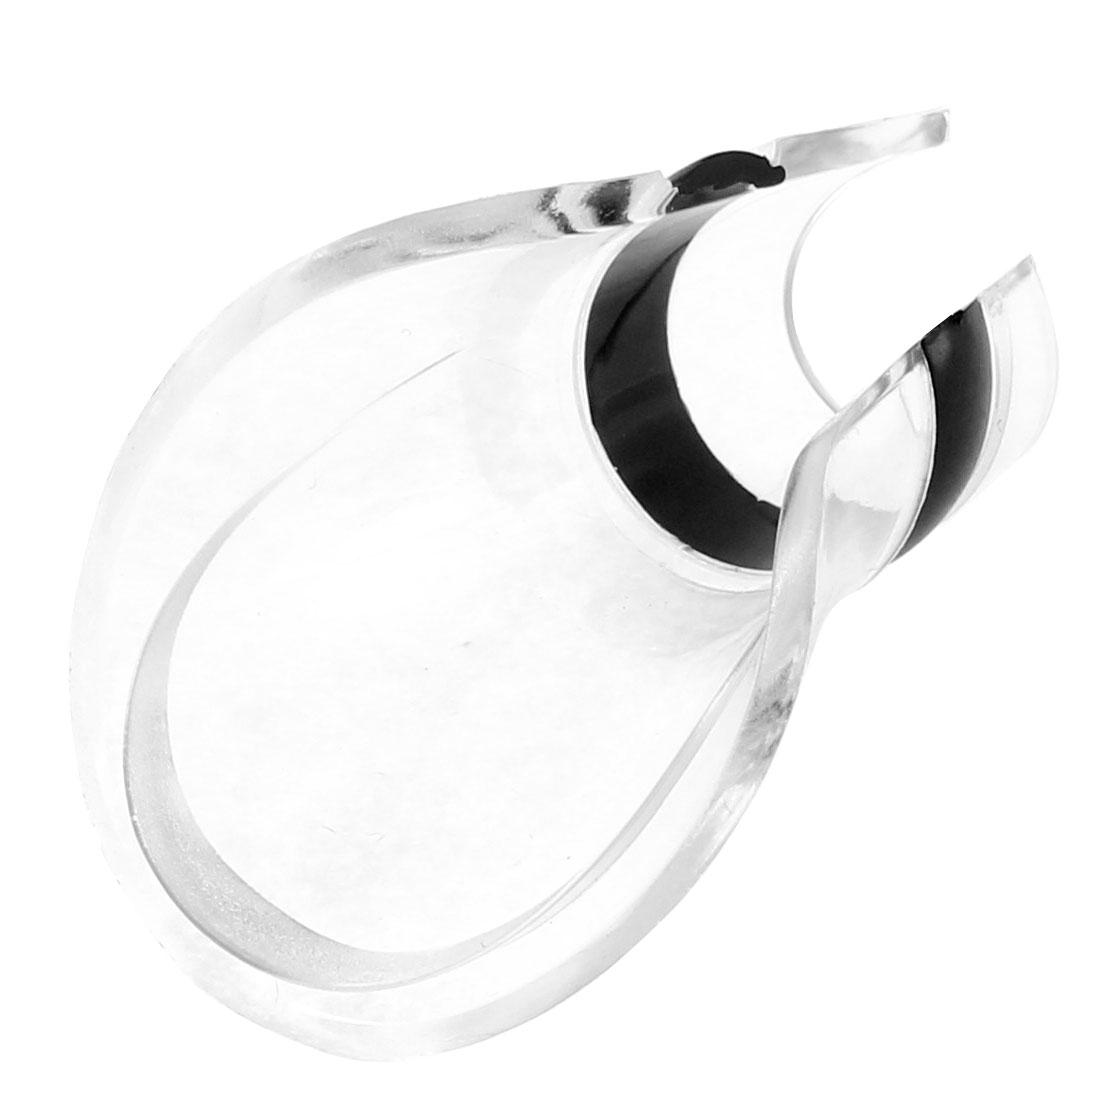 Duck Mouth Shaped Wine Liquor Aerator Spout Flow Pourer Dispenser Black Clear